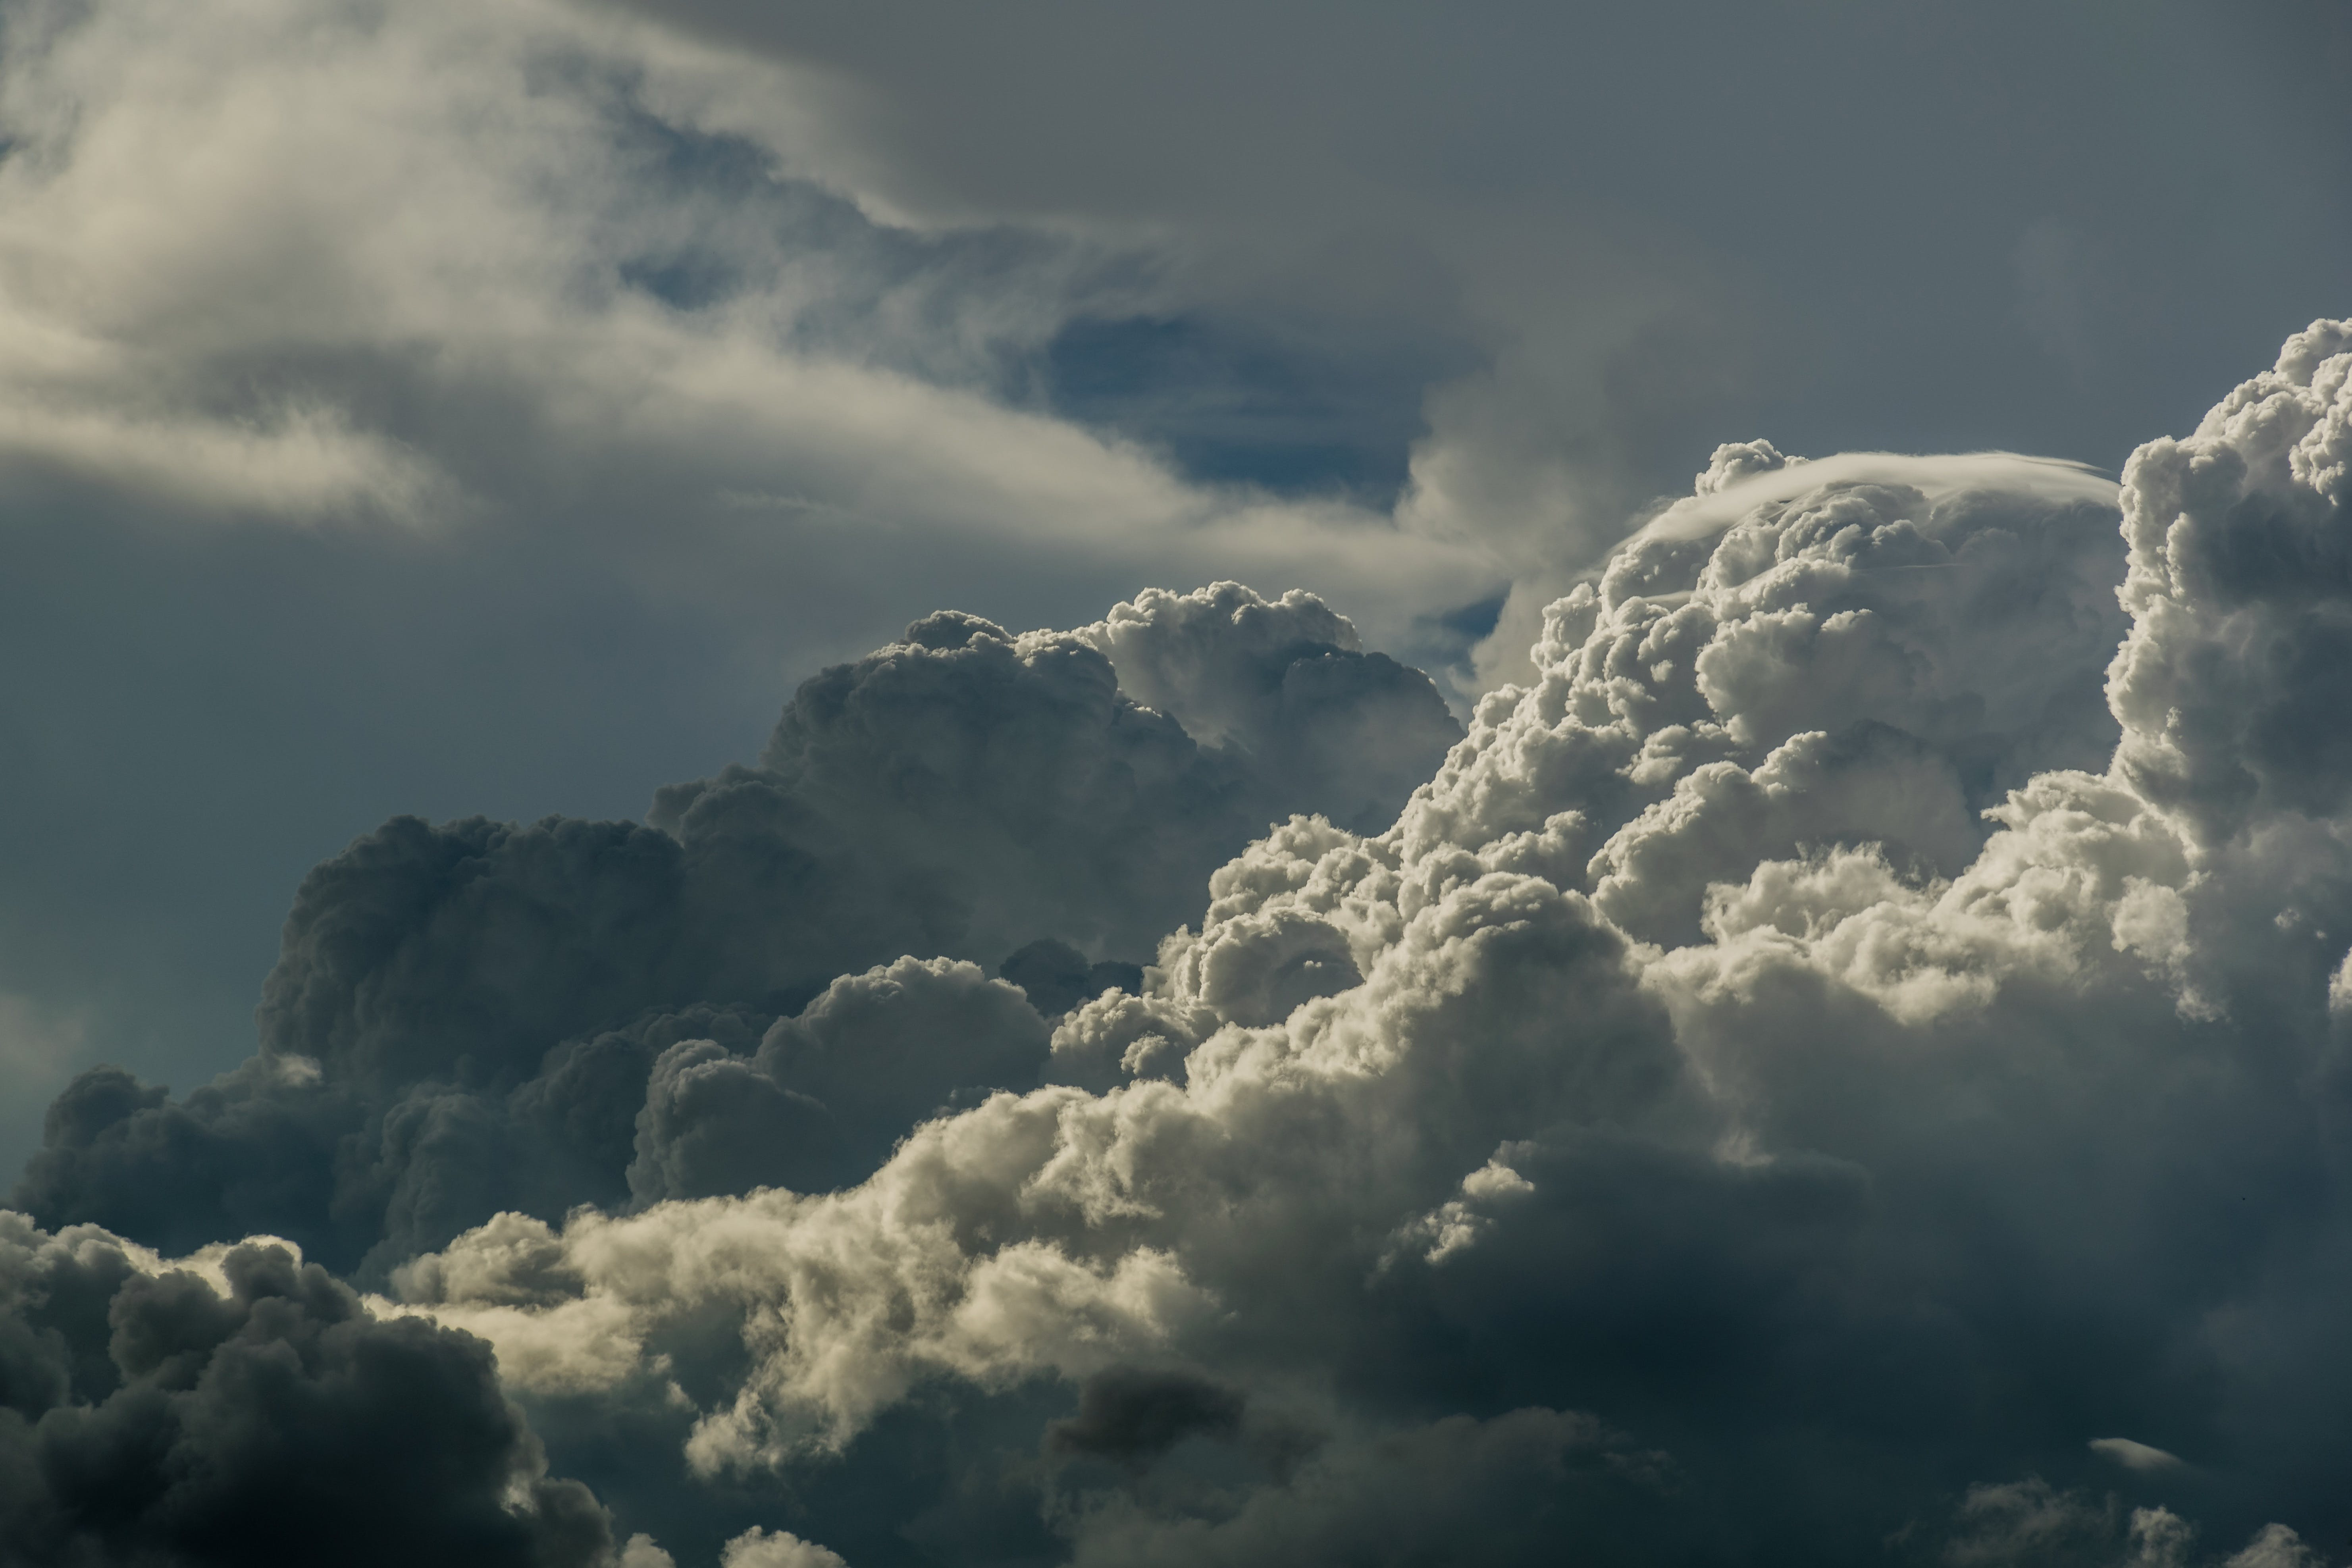 Strato-cumulus Clouds